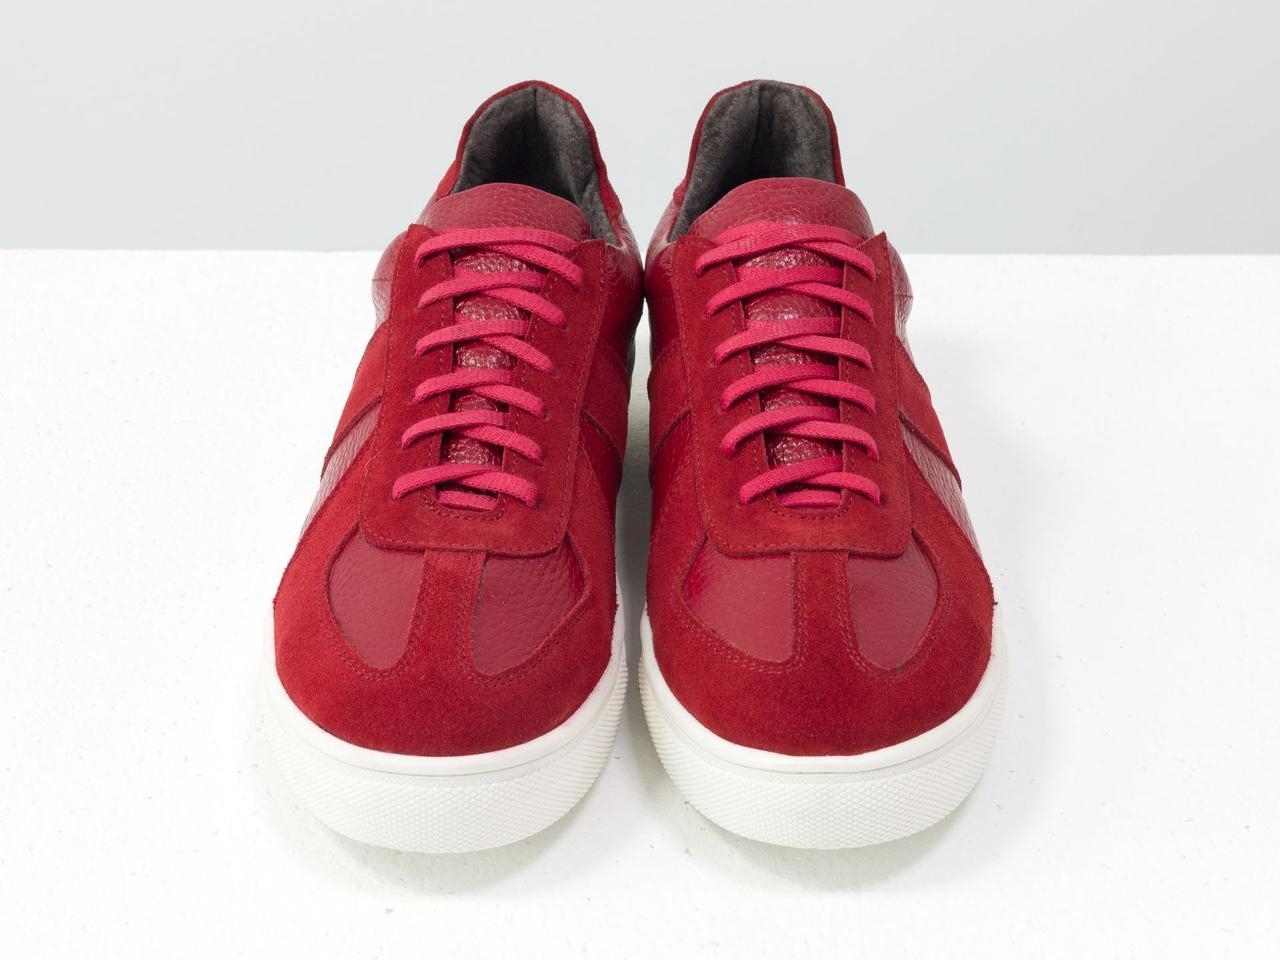 Стильные Кеды-Феррари из натуральной замши и кожи ярко-красного цвета, на прорезиненной подошве белого цвета 40 - фото 6